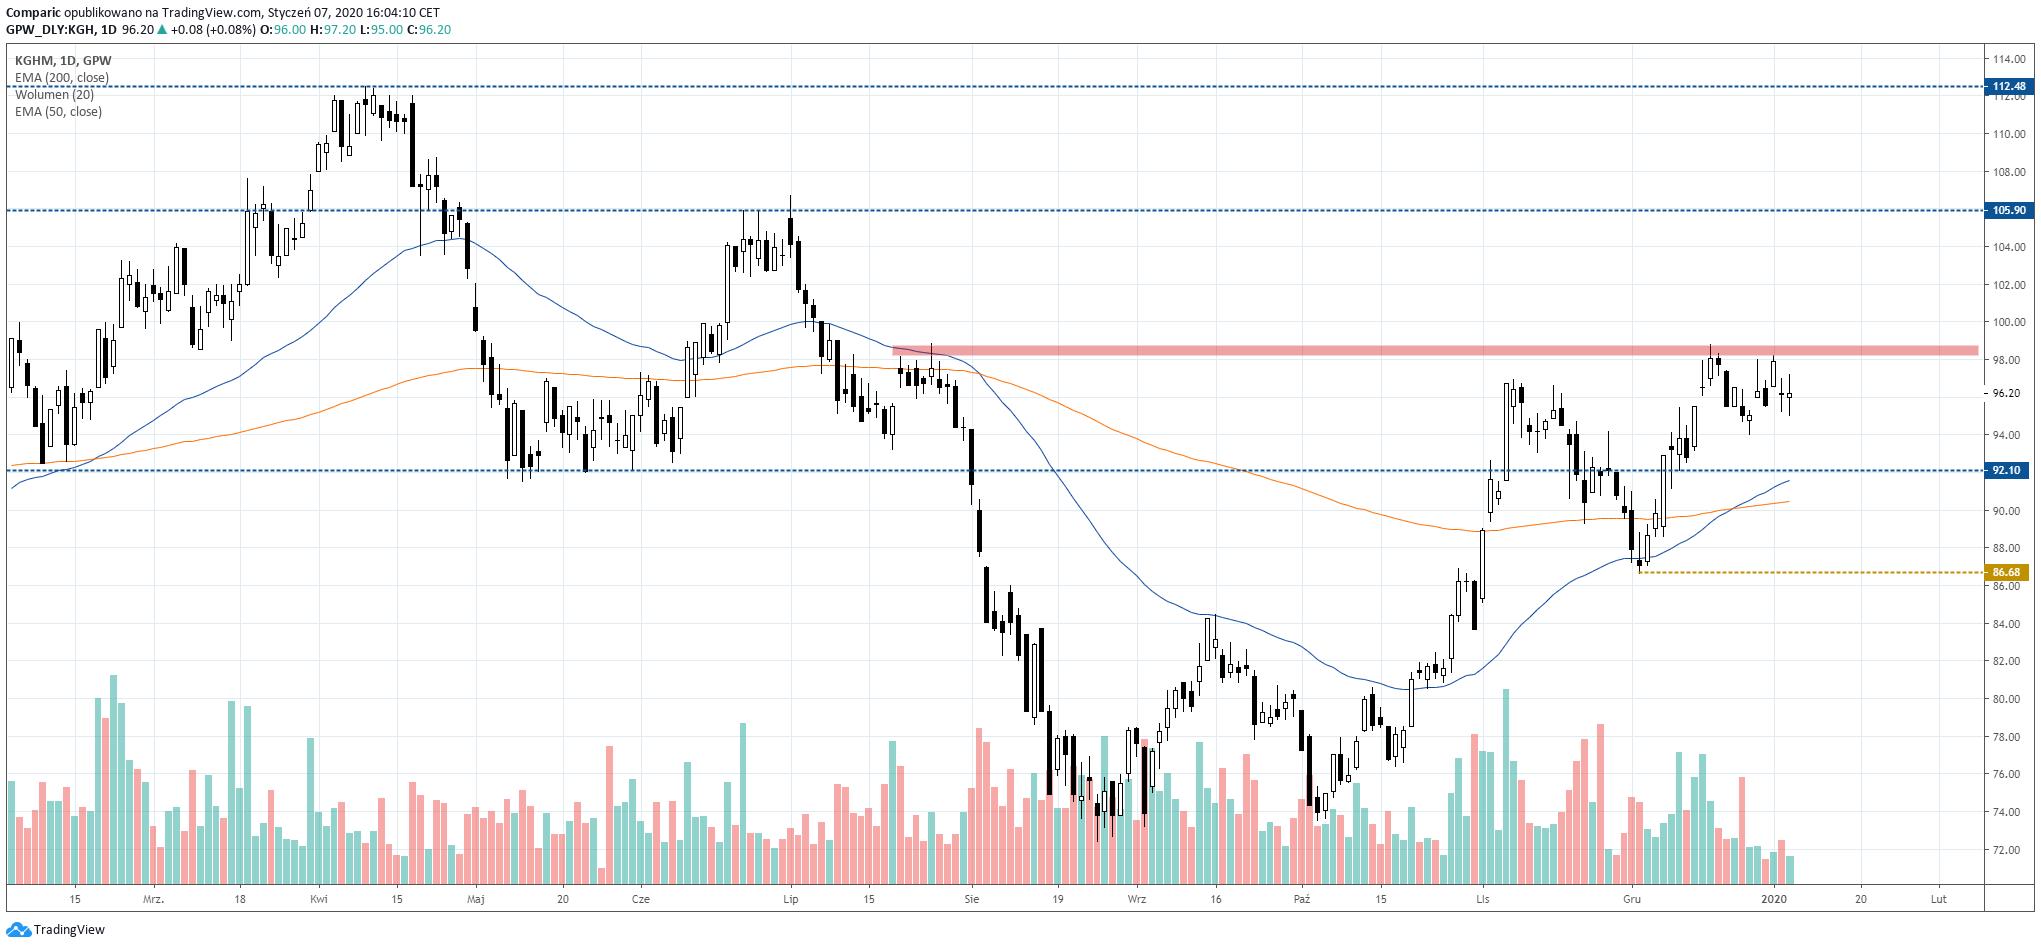 Akcje Tauron po przebiciu obecnego oporu mogłyby wzrosnąć do 106 lub 112,5 zł. Źródło: Tradingview.com